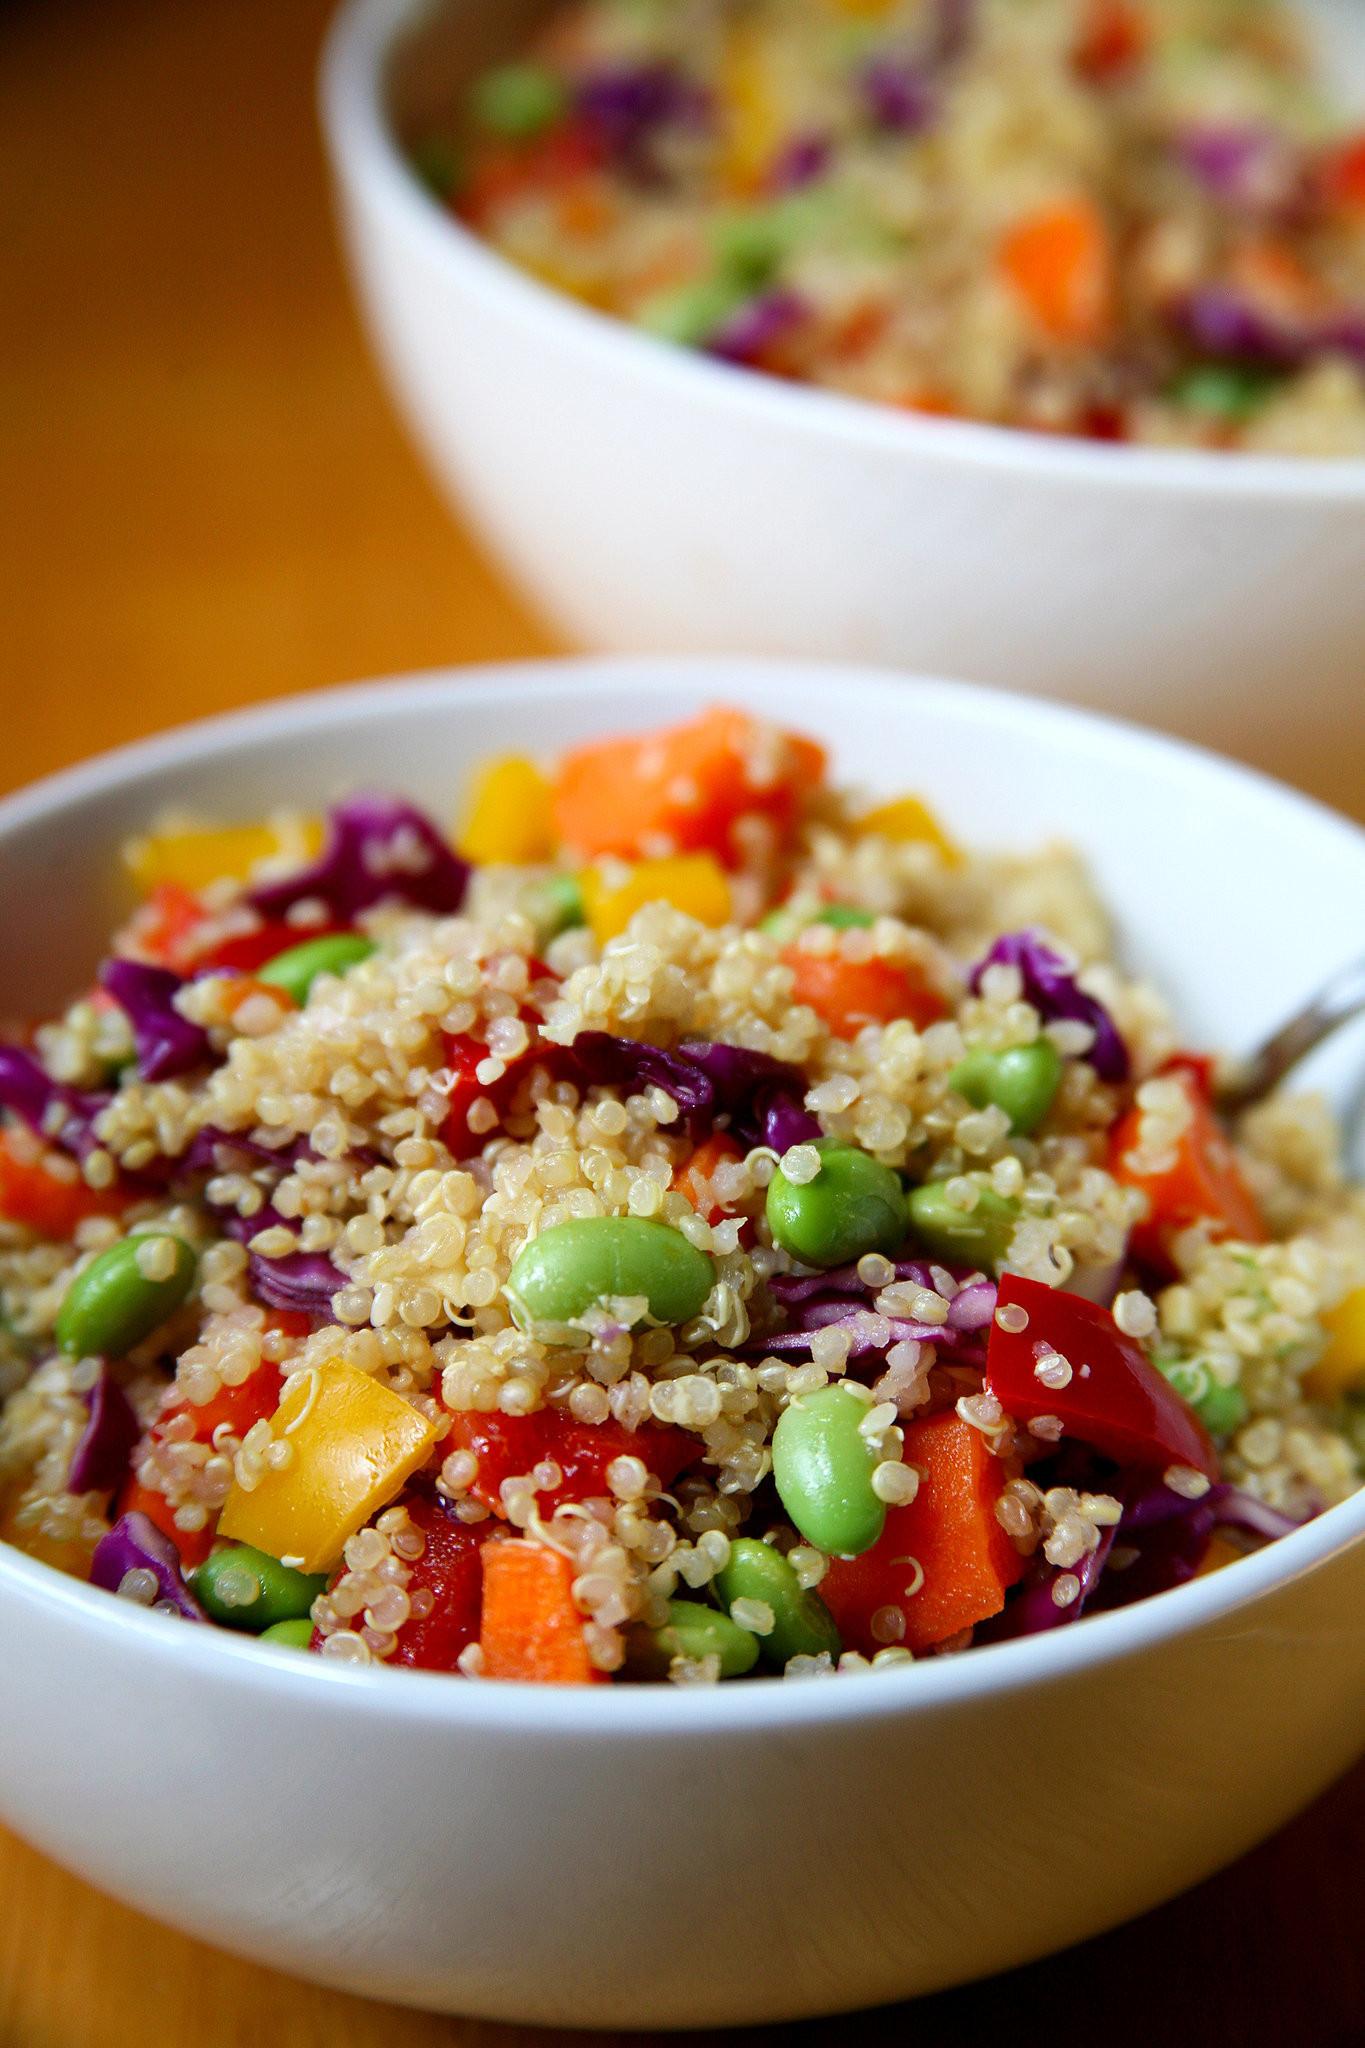 Quinoa Recipes Salad  Healthy Quinoa Vegan Salad